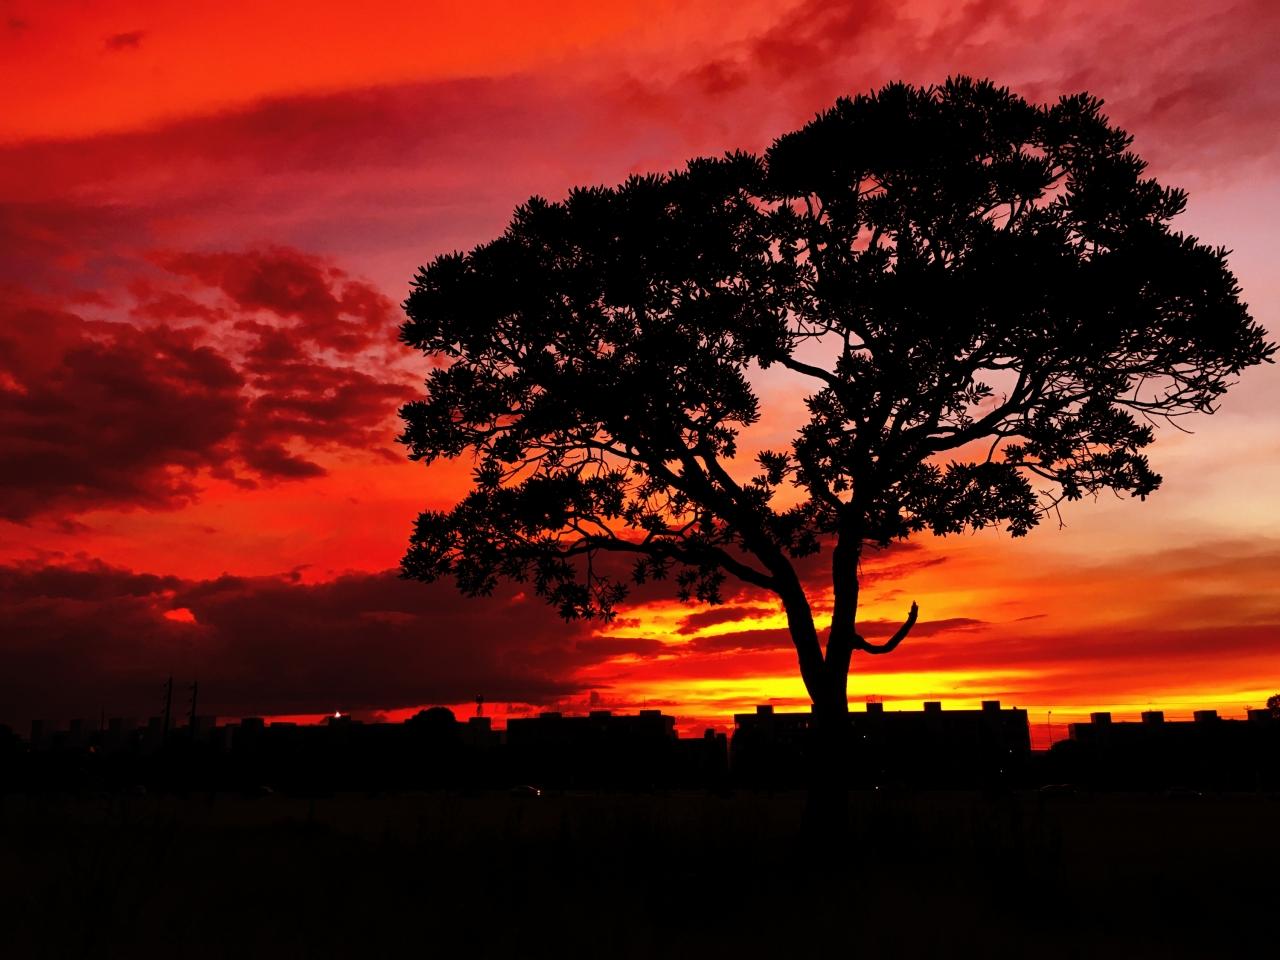 Красивый красный закат, дерево photo Alexander